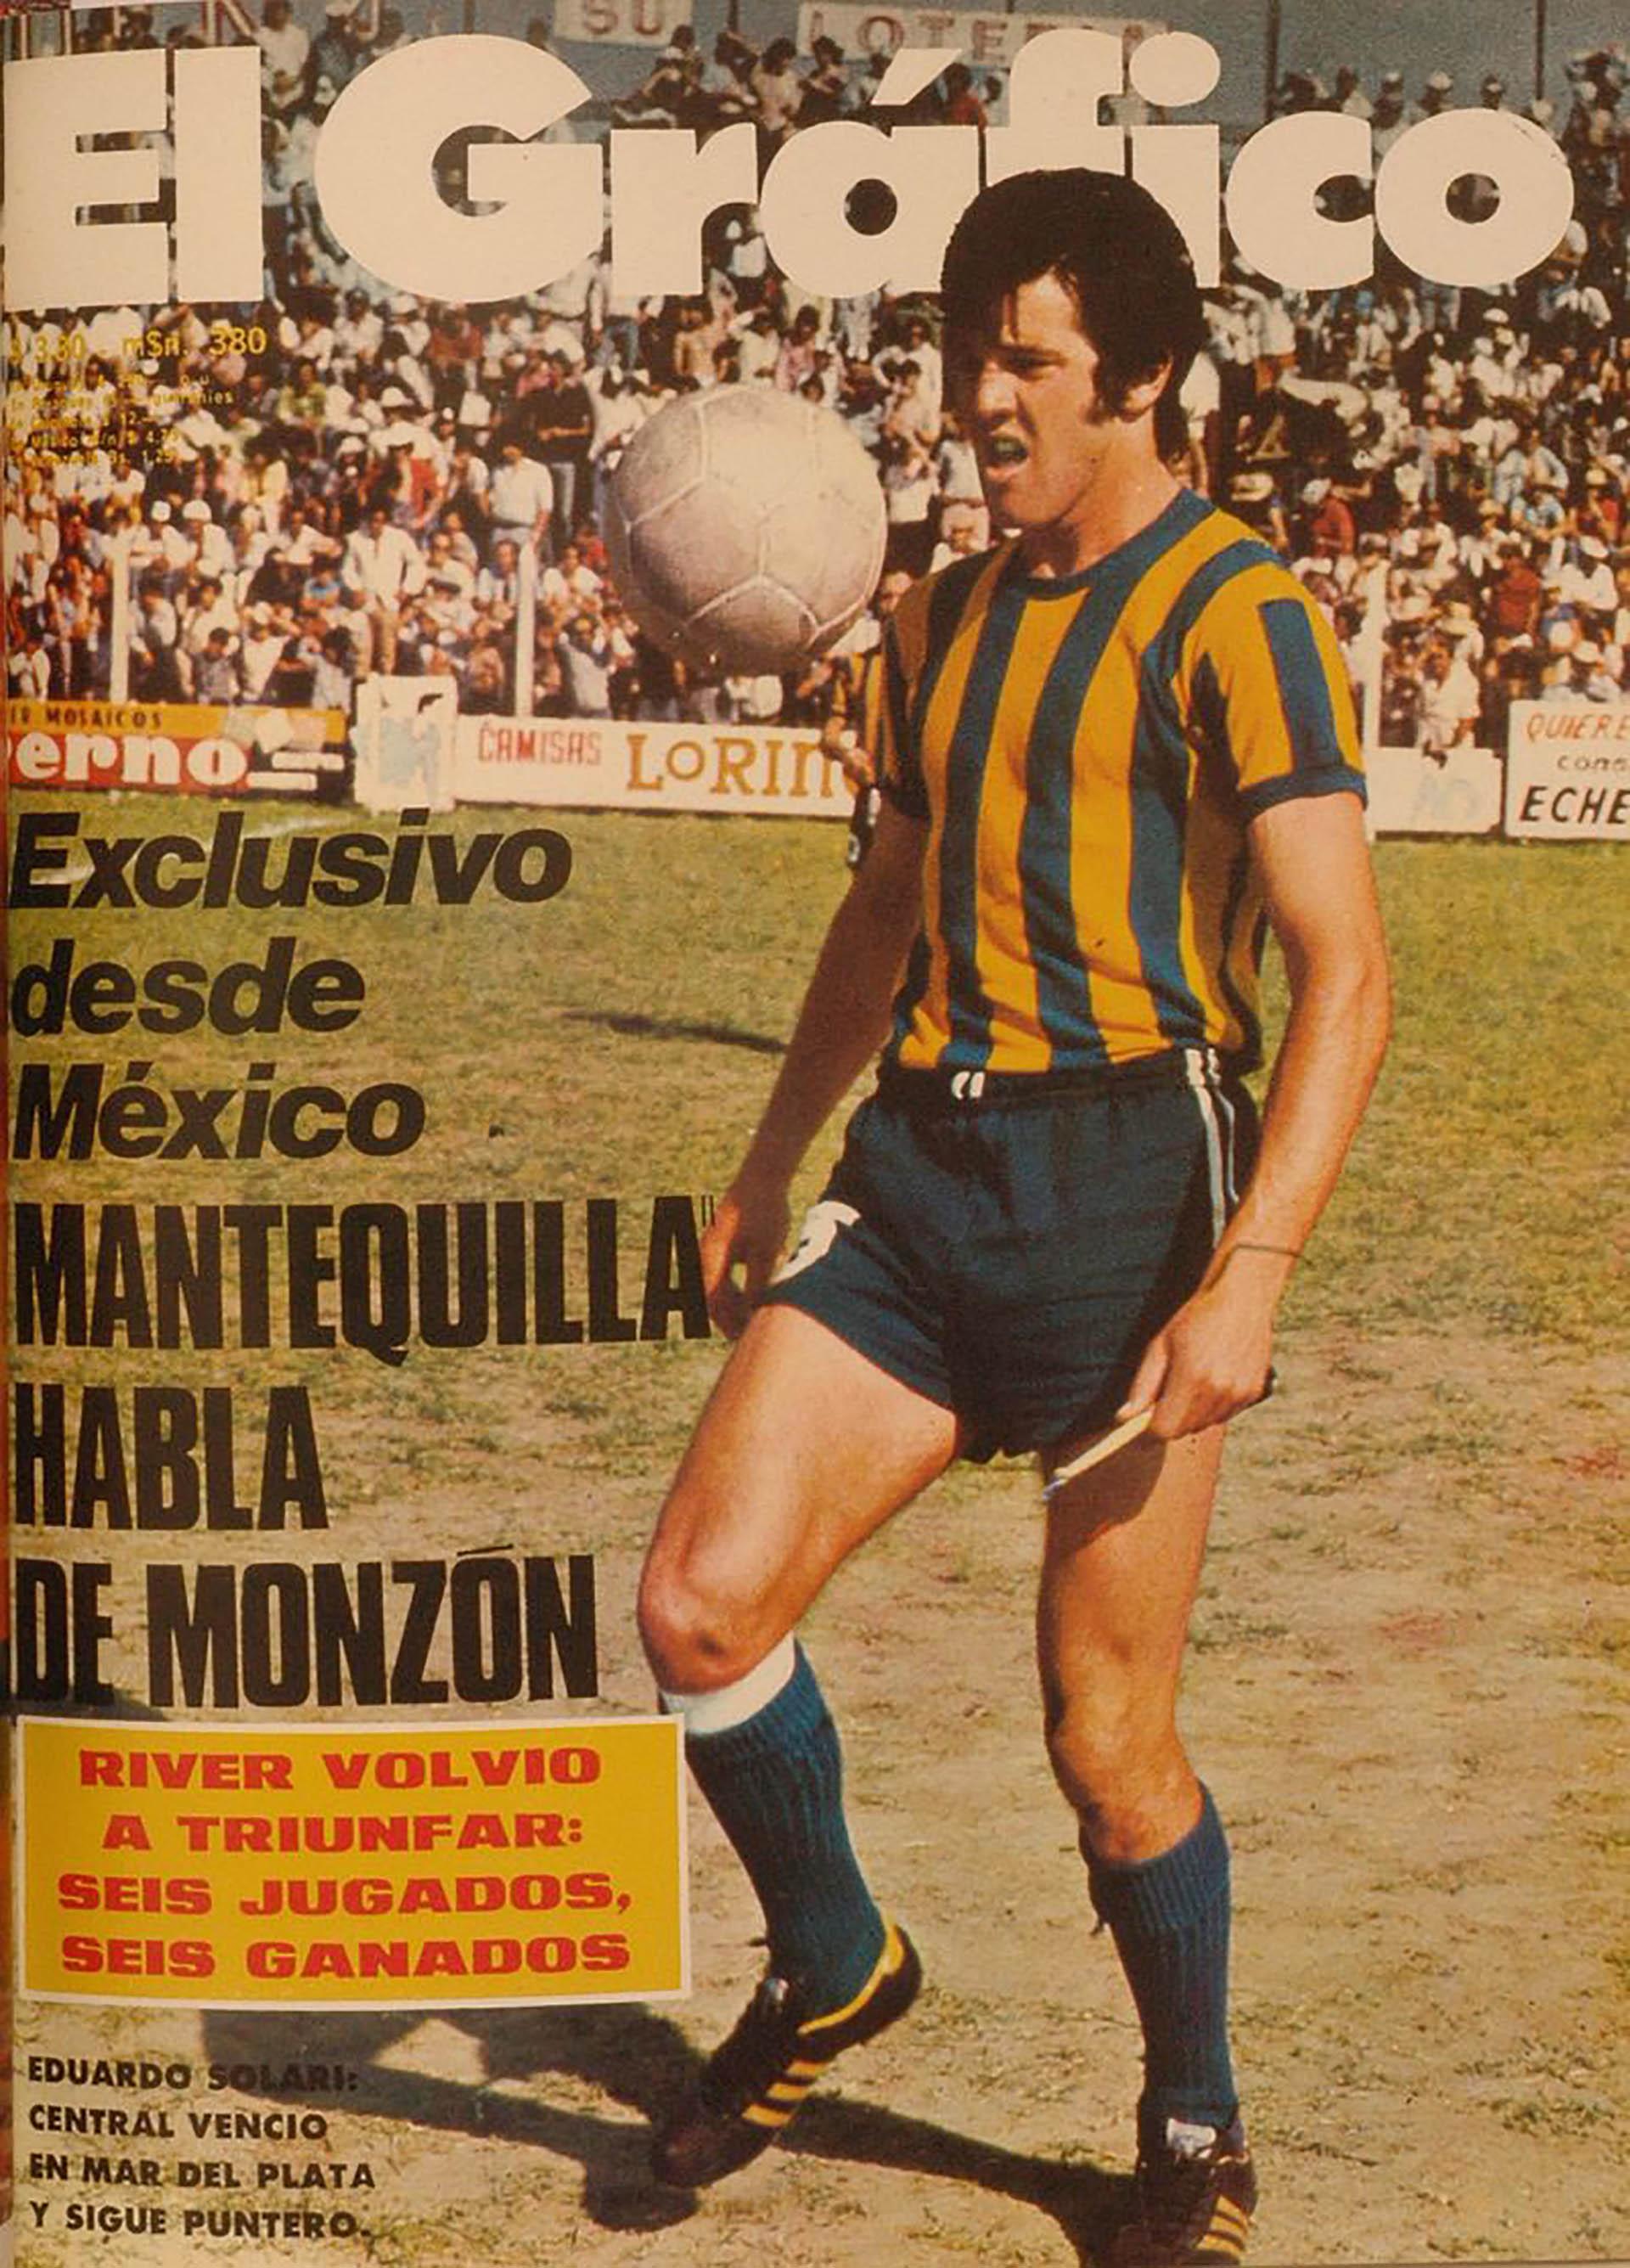 Eduardo Solari, padre de Santiago, se inició futbolísticamente en Rosario Central